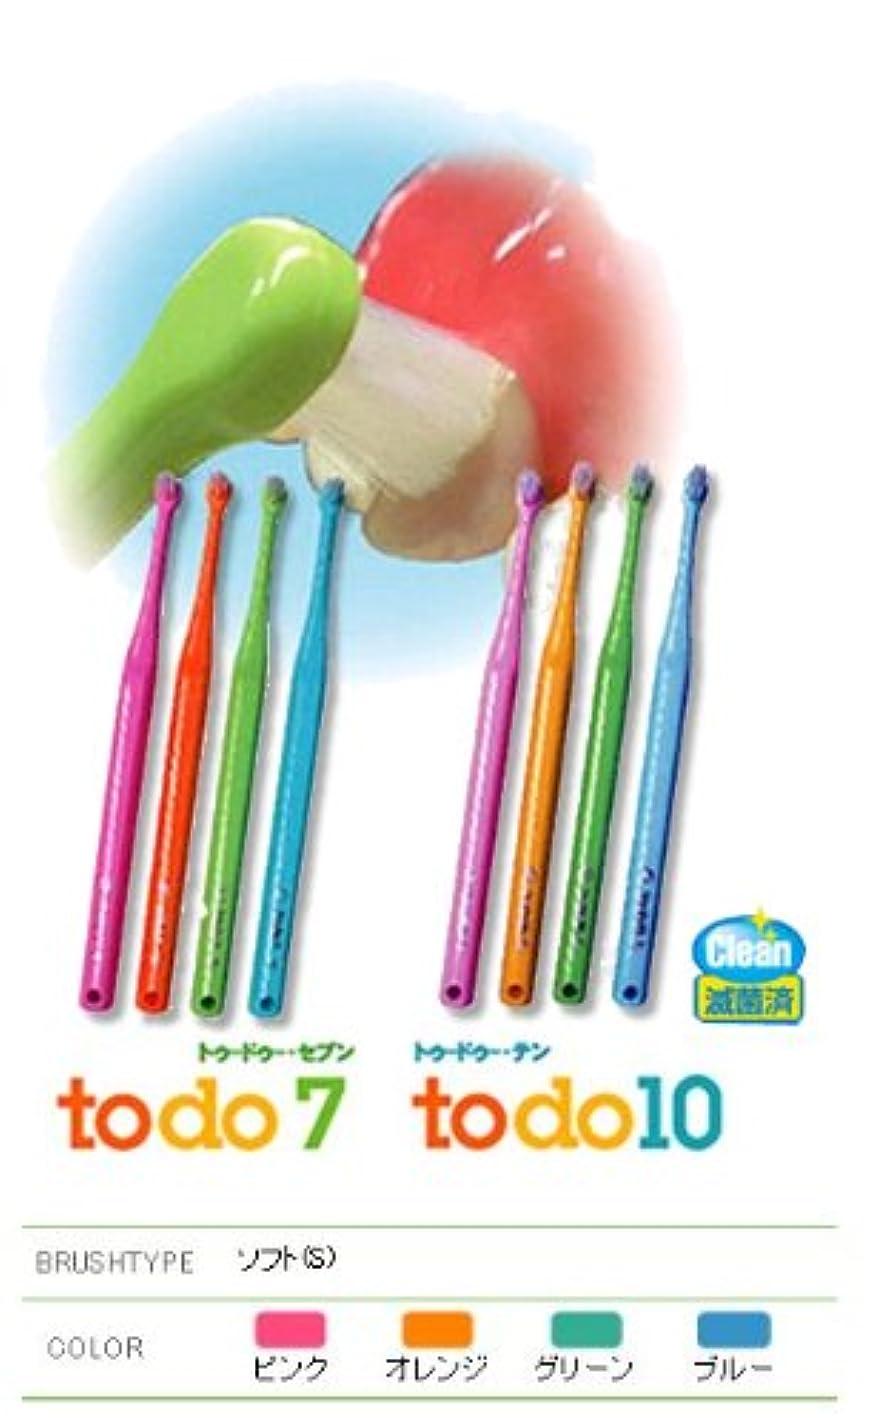 フェンスデンマーク語エキゾチック【オーラルケア】【歯科用】todo10 1箱(24本)【歯ブラシ】【滅菌済】4色(アソート)トゥードゥー?テン